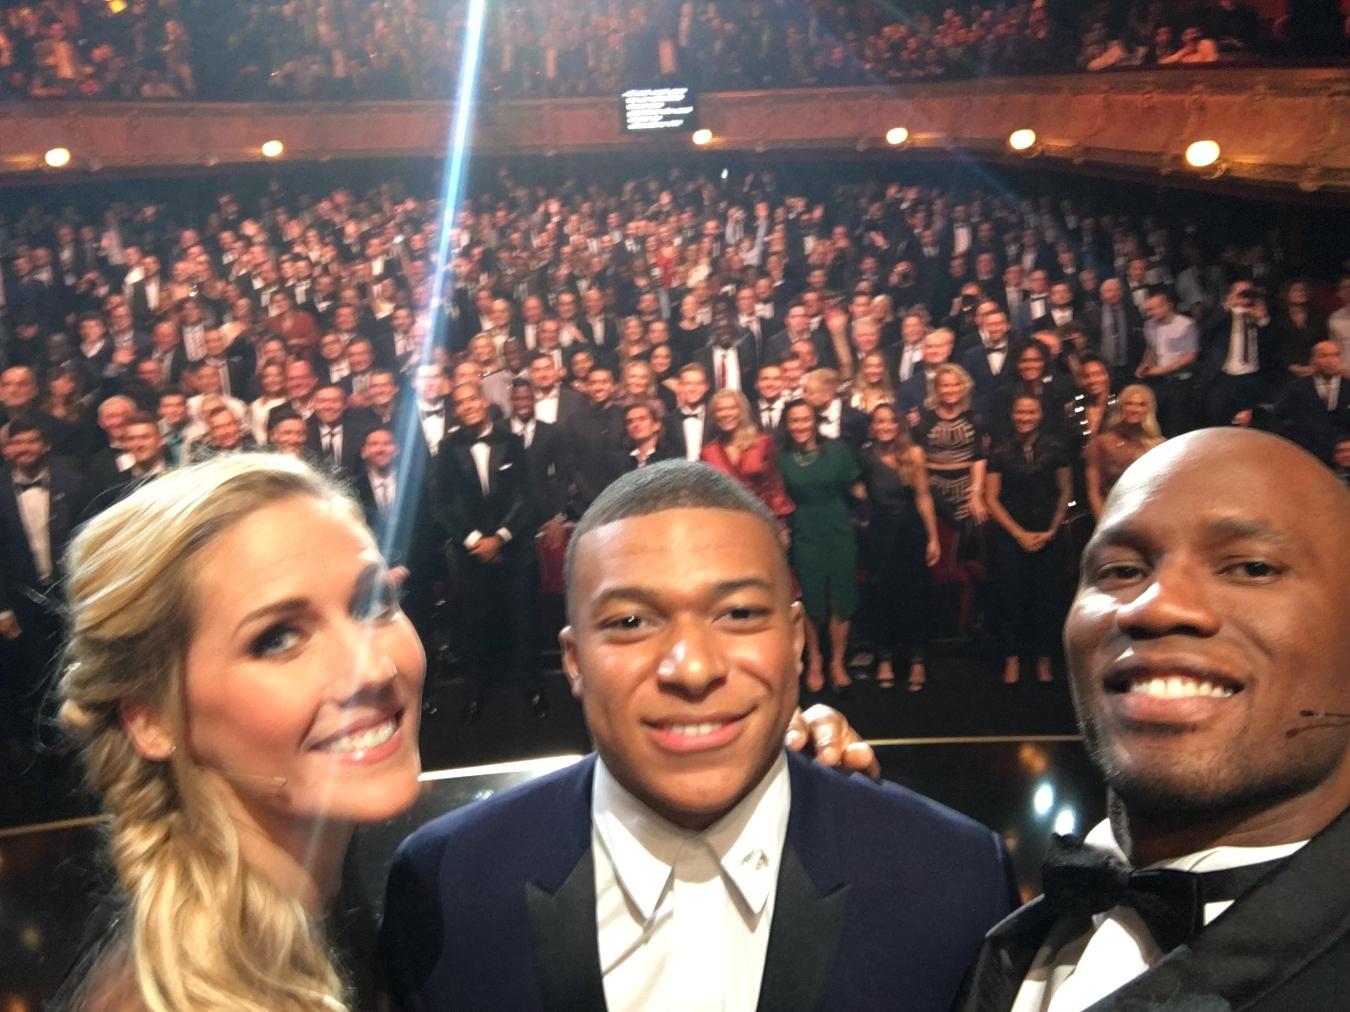 Απίστευτος στην παρουσίαση ο Ντρογκμπά, τους σήκωσε όλους όρθιους για selfie (pic/video)